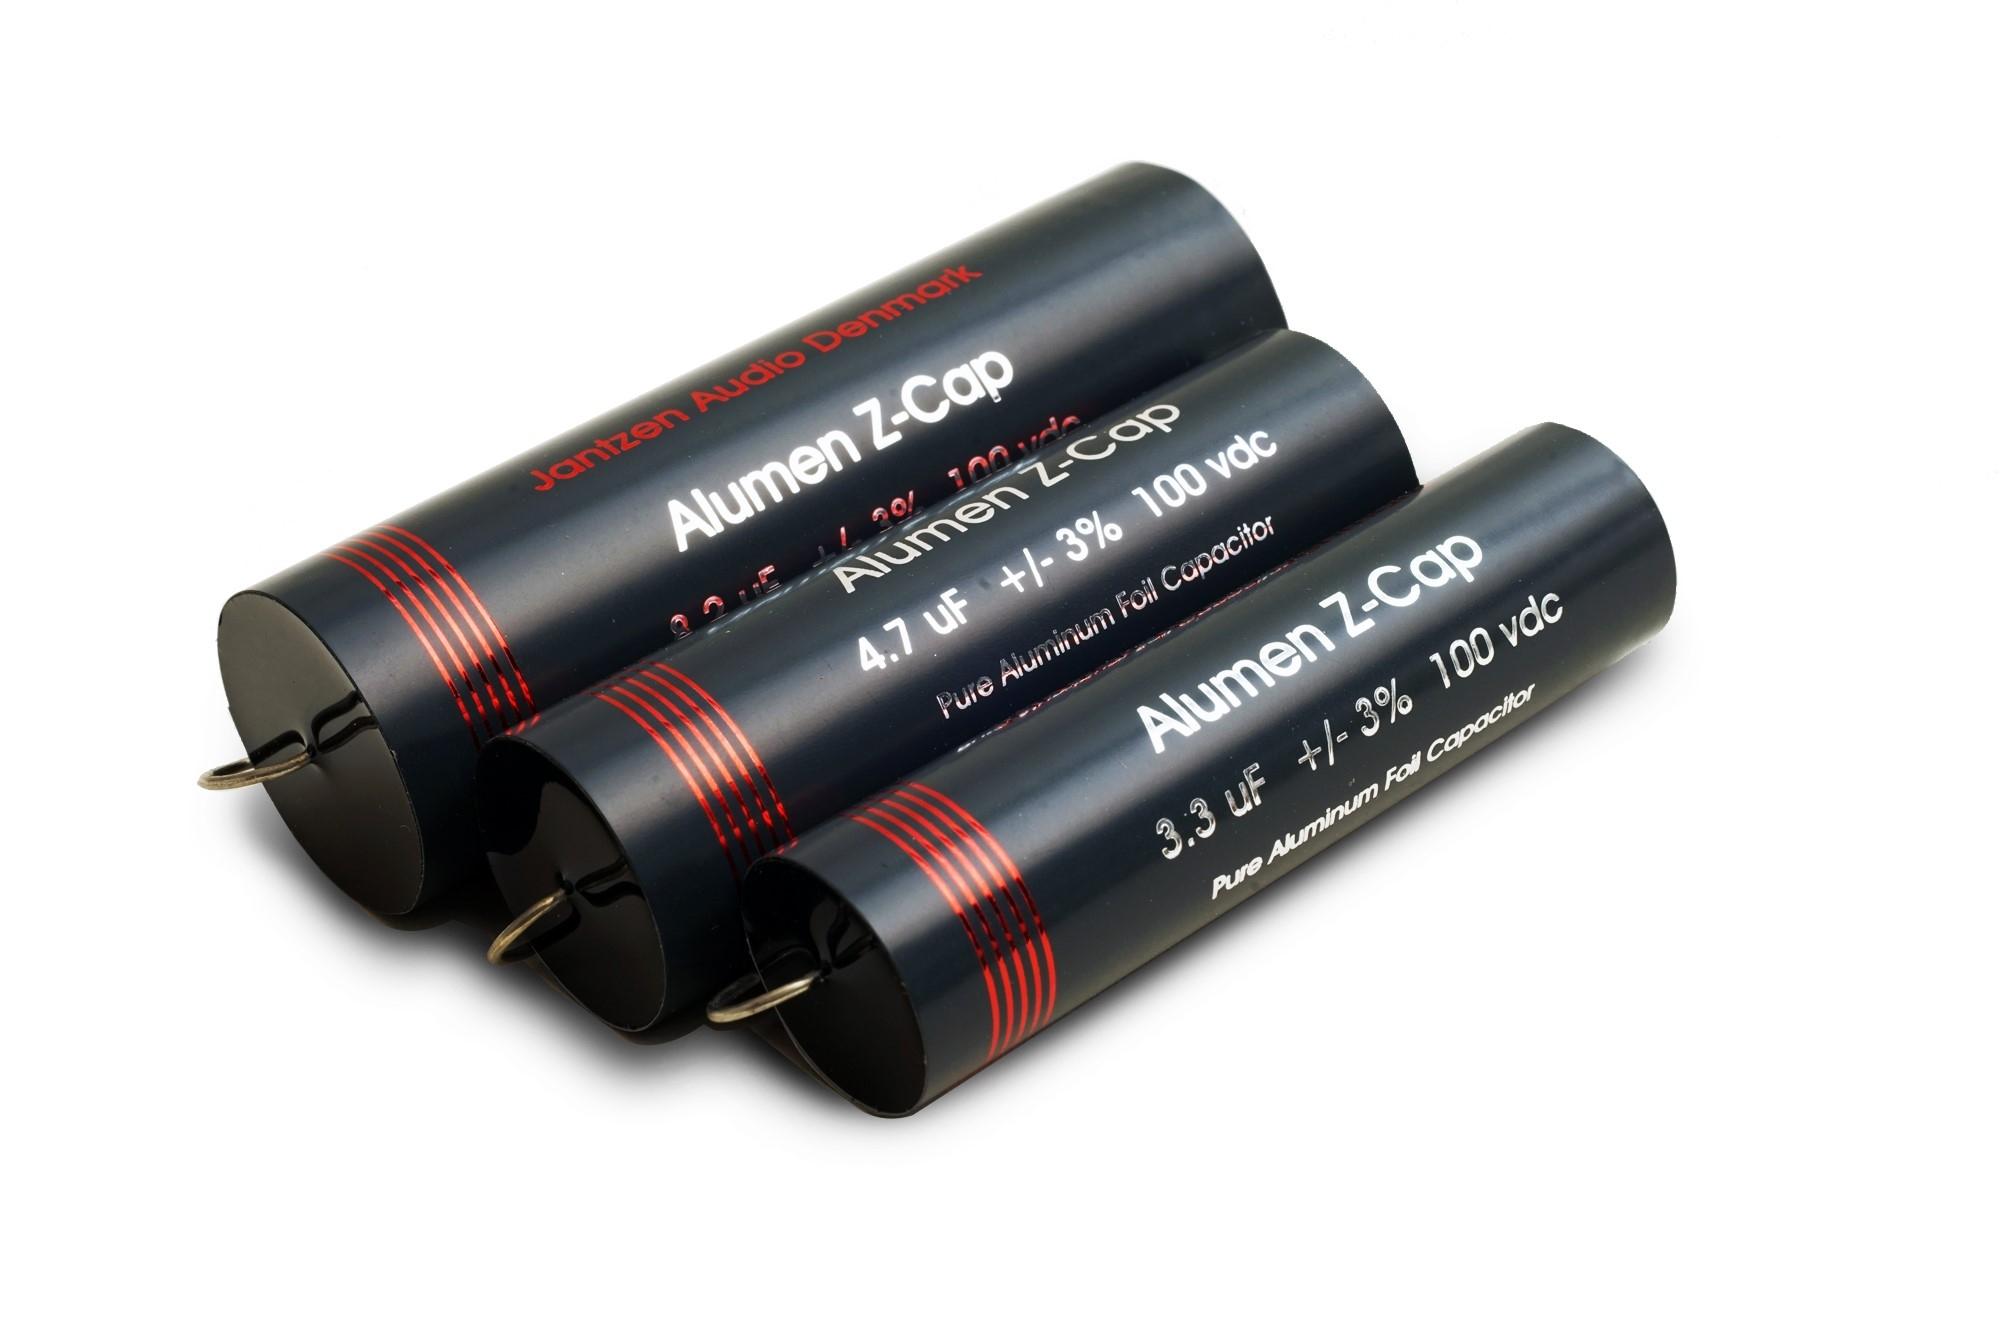 Billede af Alumen Z-cap kondensatorer fra Jantzen Audio